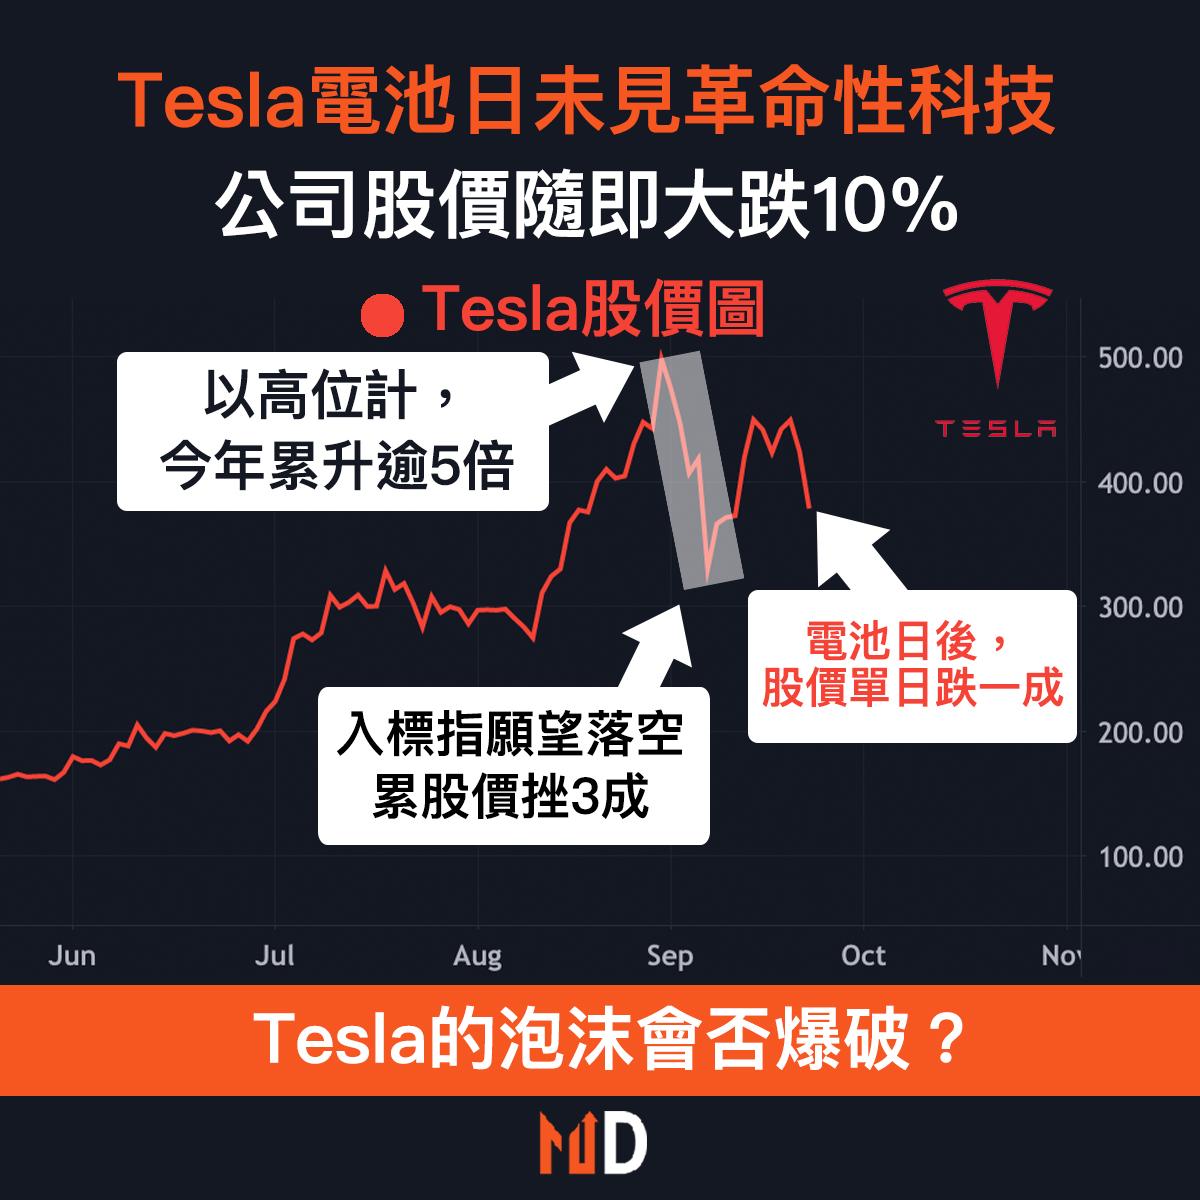 【Tesla電池日】Tesla電池日未見革命性科技,公司股價隨即大跌10%